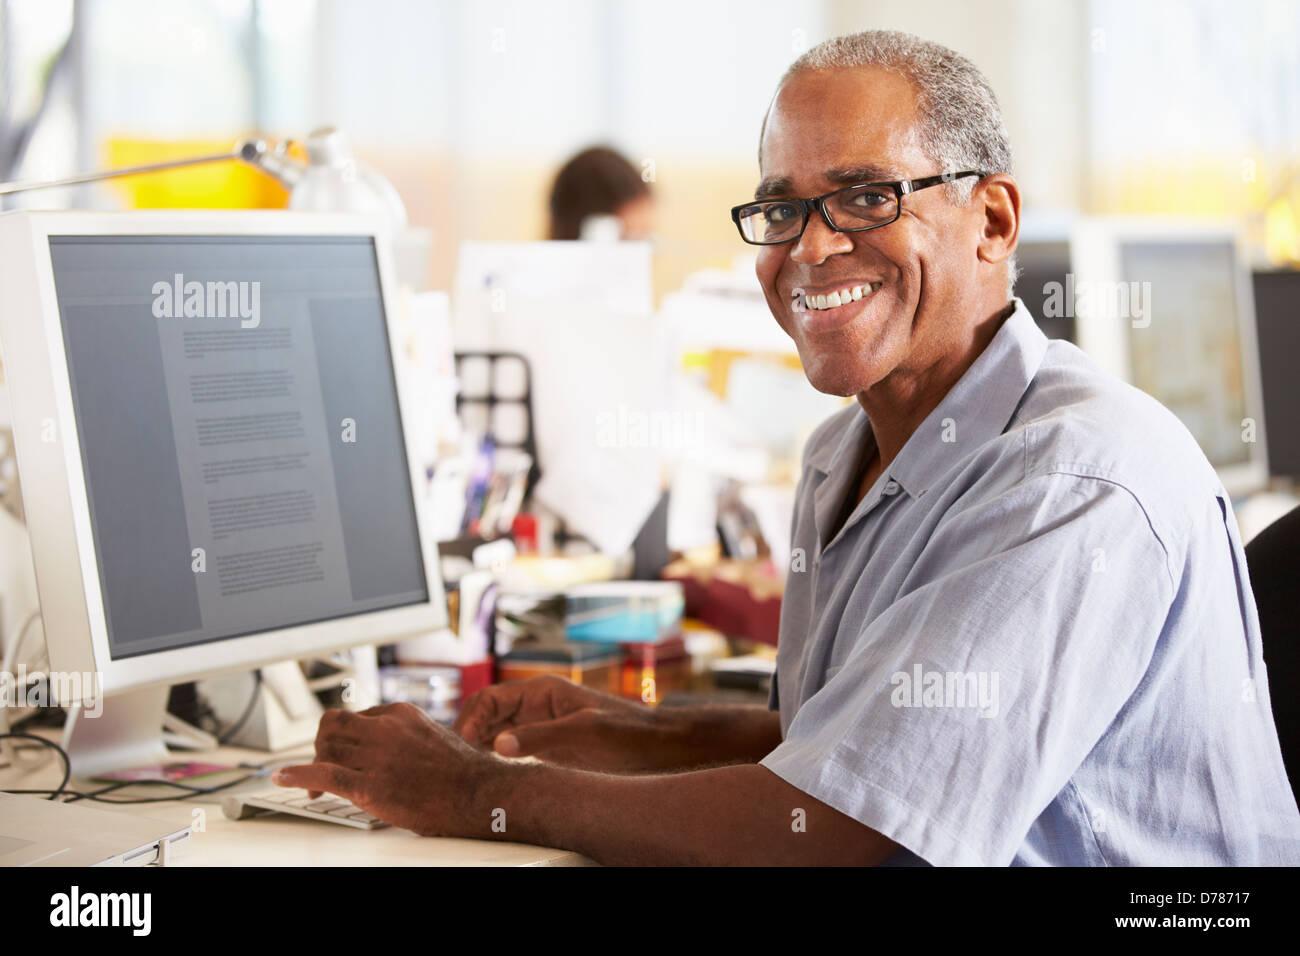 Mann am Schalter In belebten Kreativbüro arbeitet Stockbild